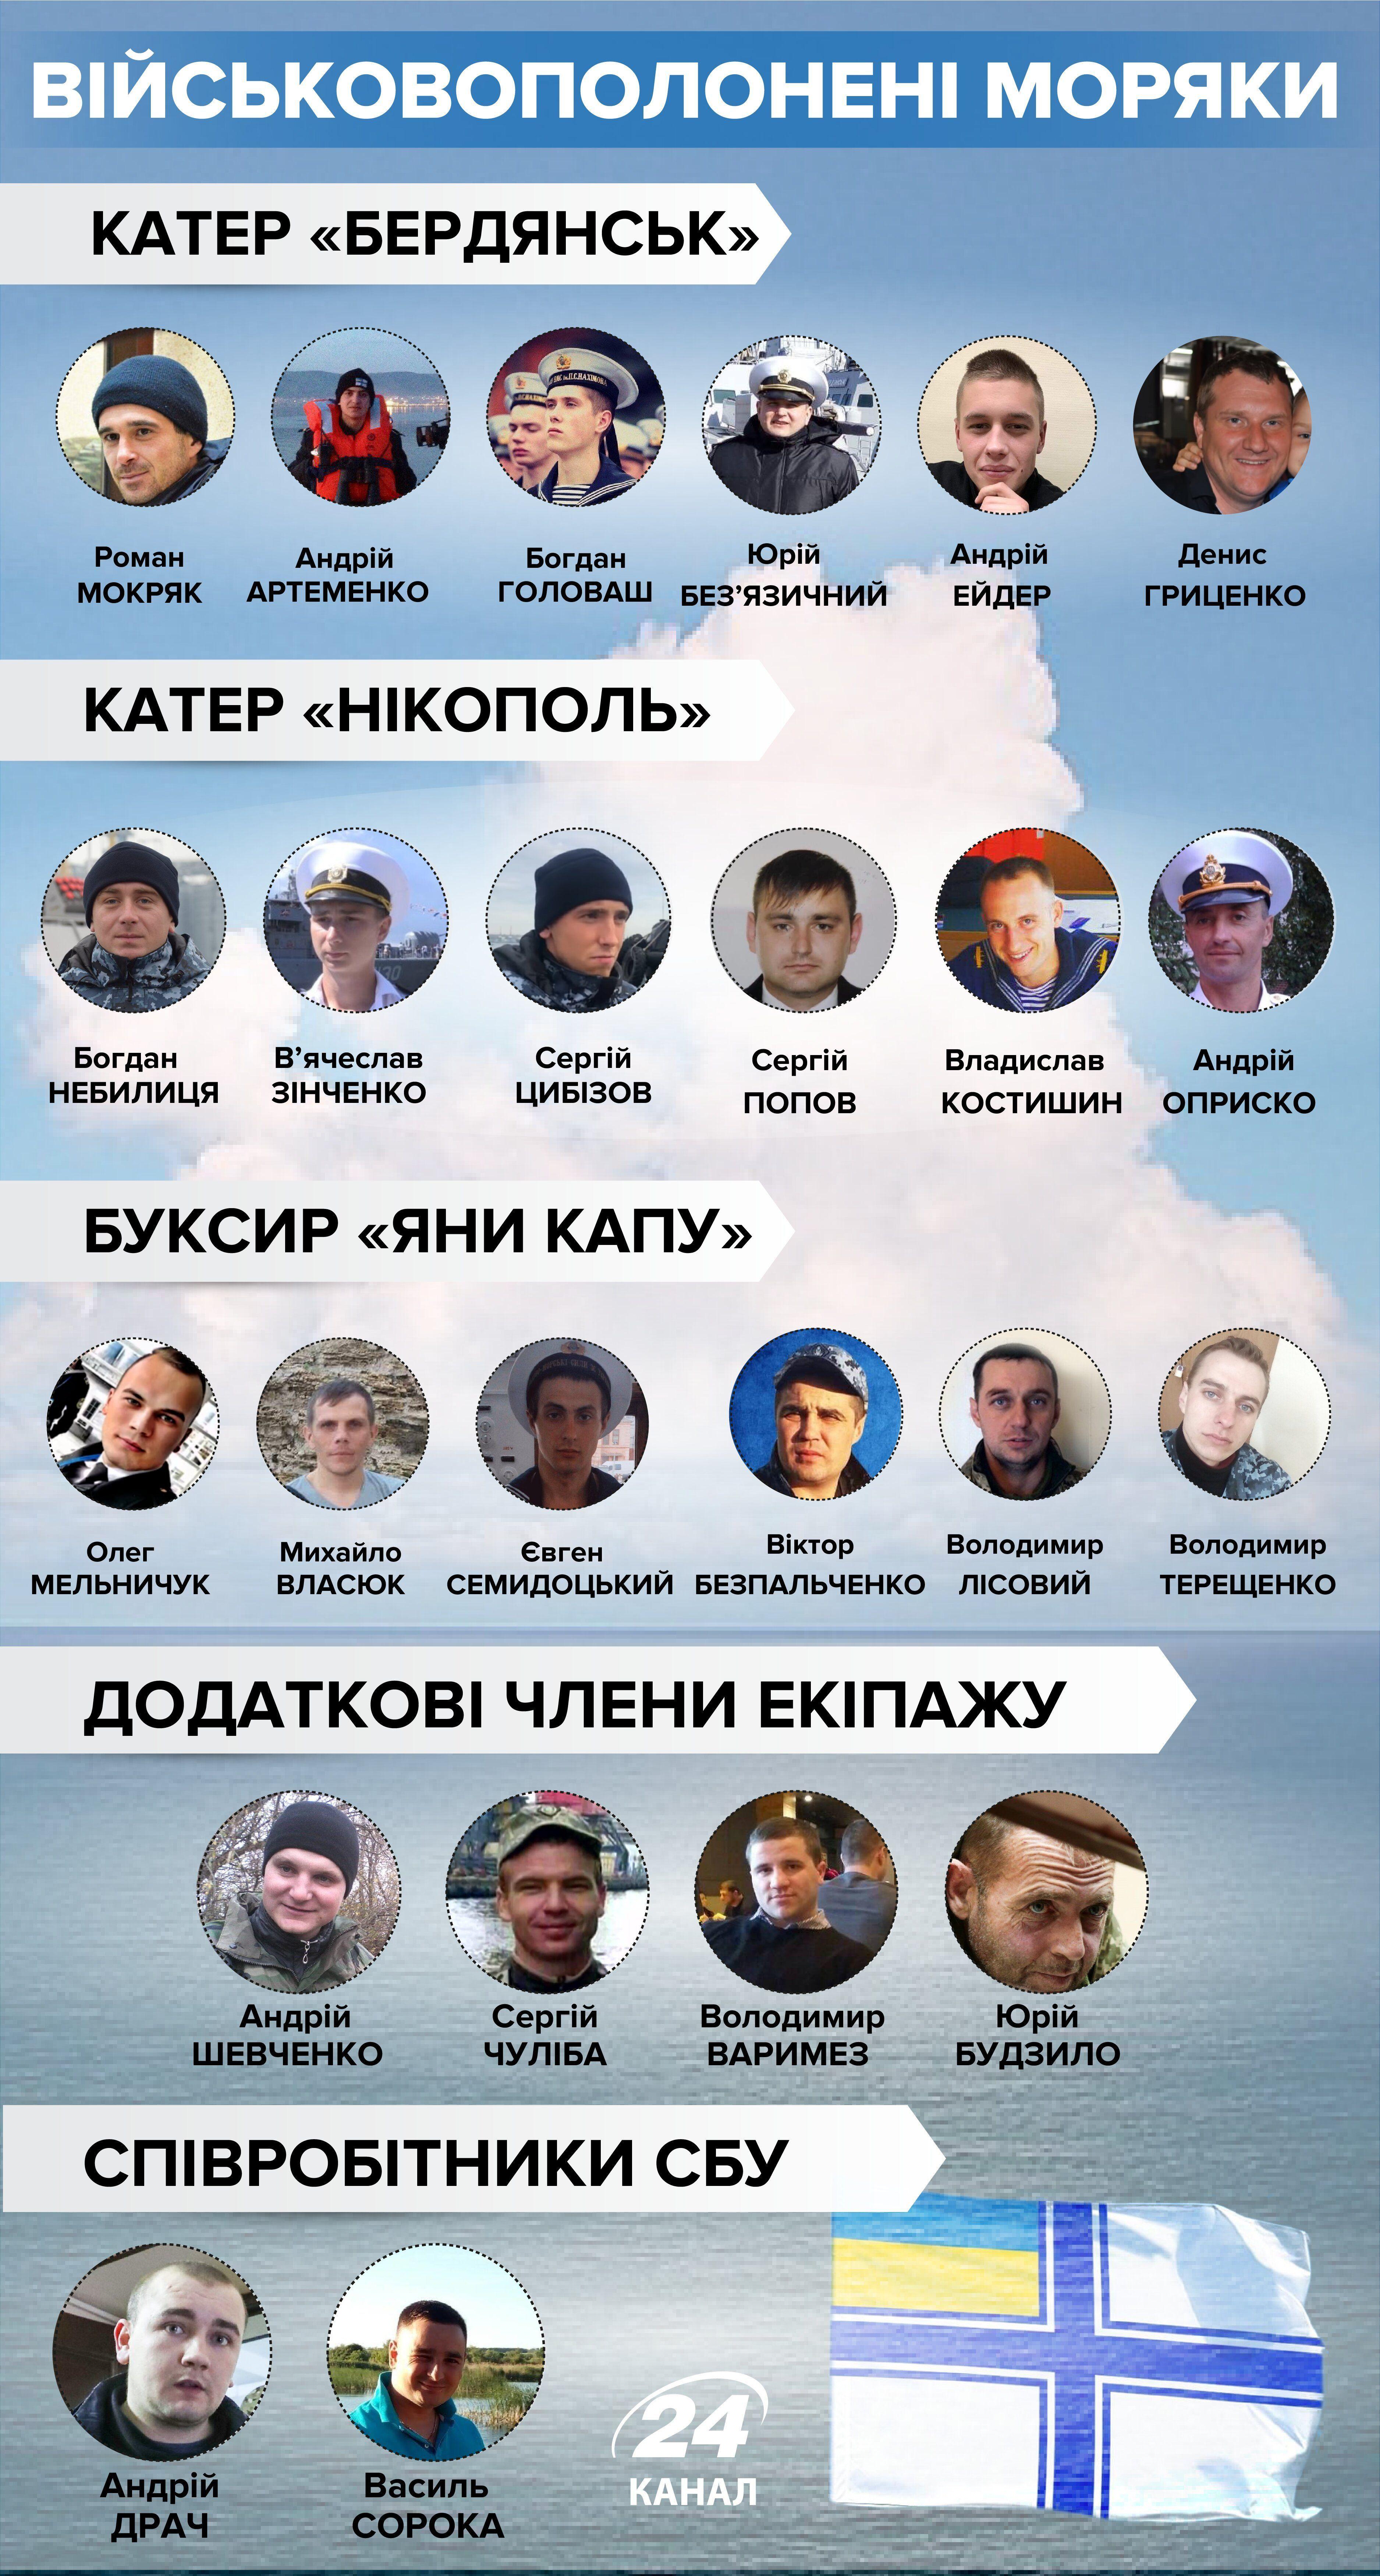 Моряки, що потрапили у полон у 2018 році